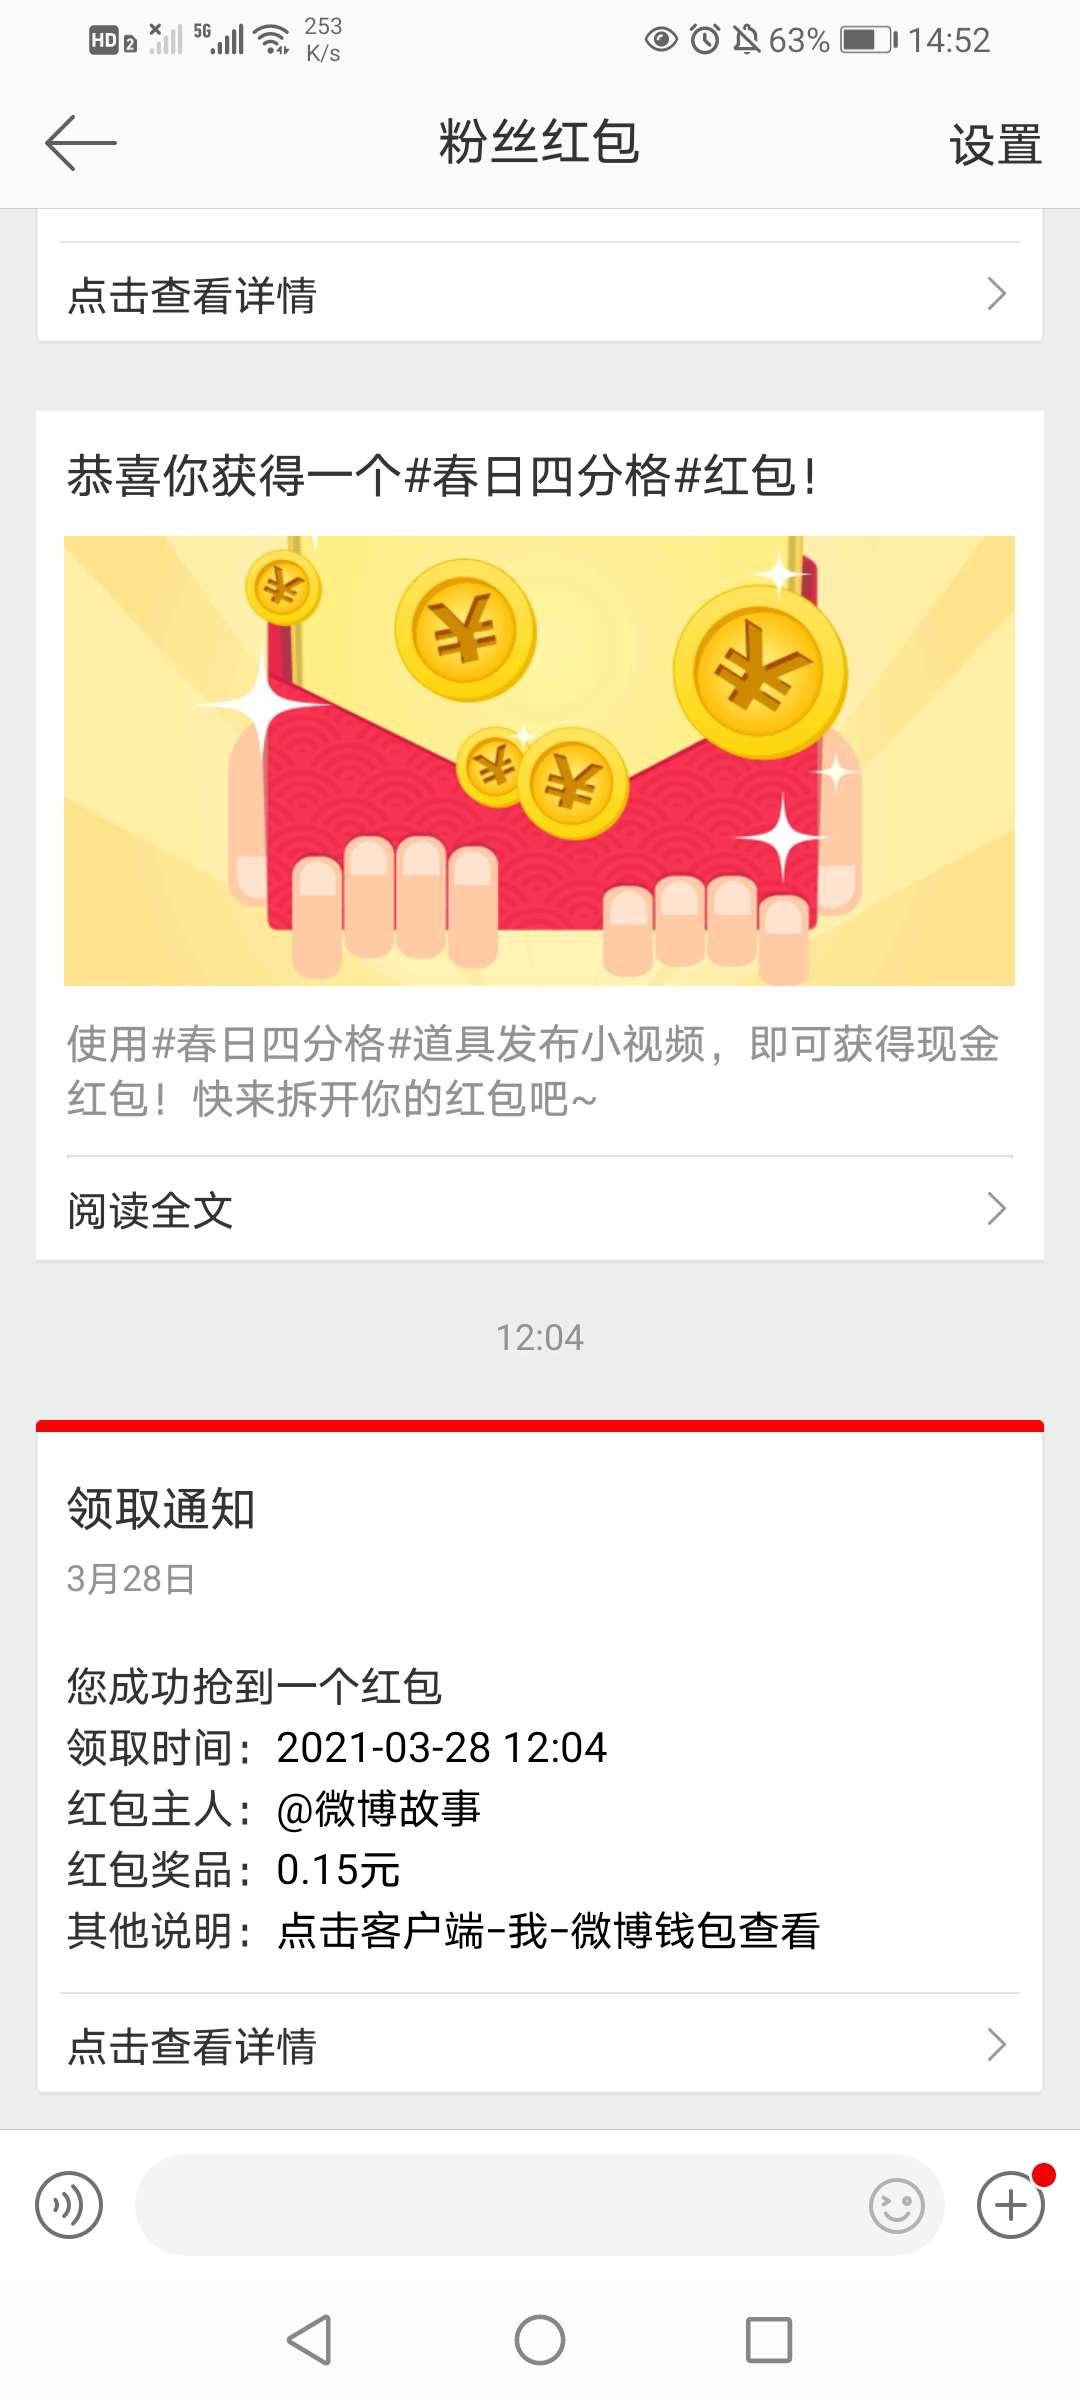 微博发布指定话题抽红包